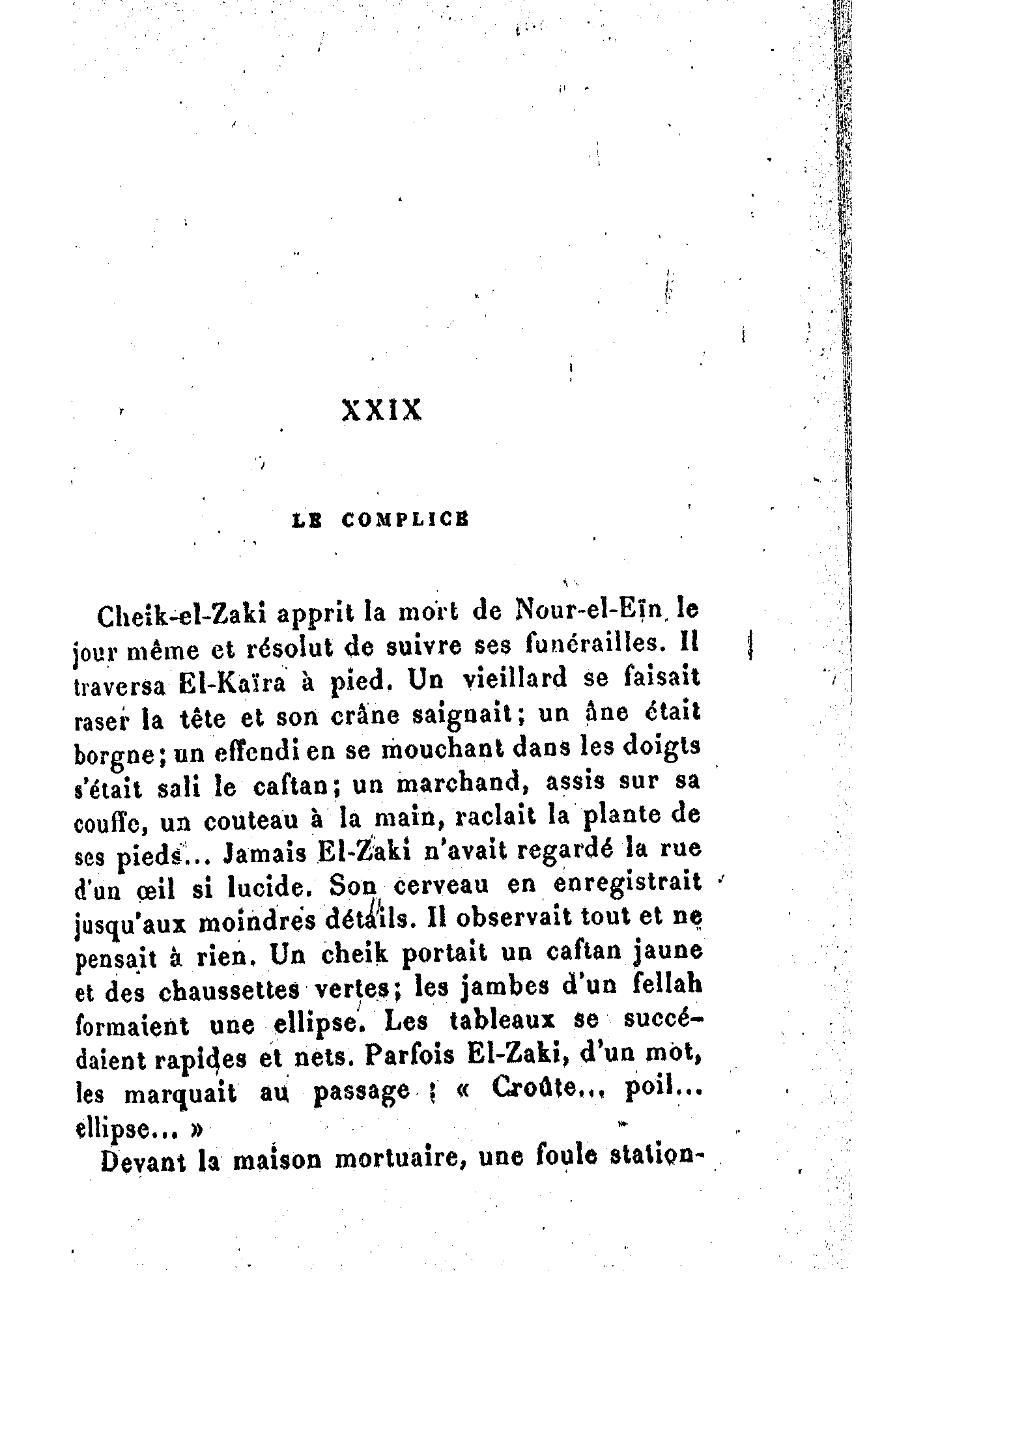 Page ades josipovici mirbeau le livre de goha le - Maison simple aux details rustiques en pologne ...